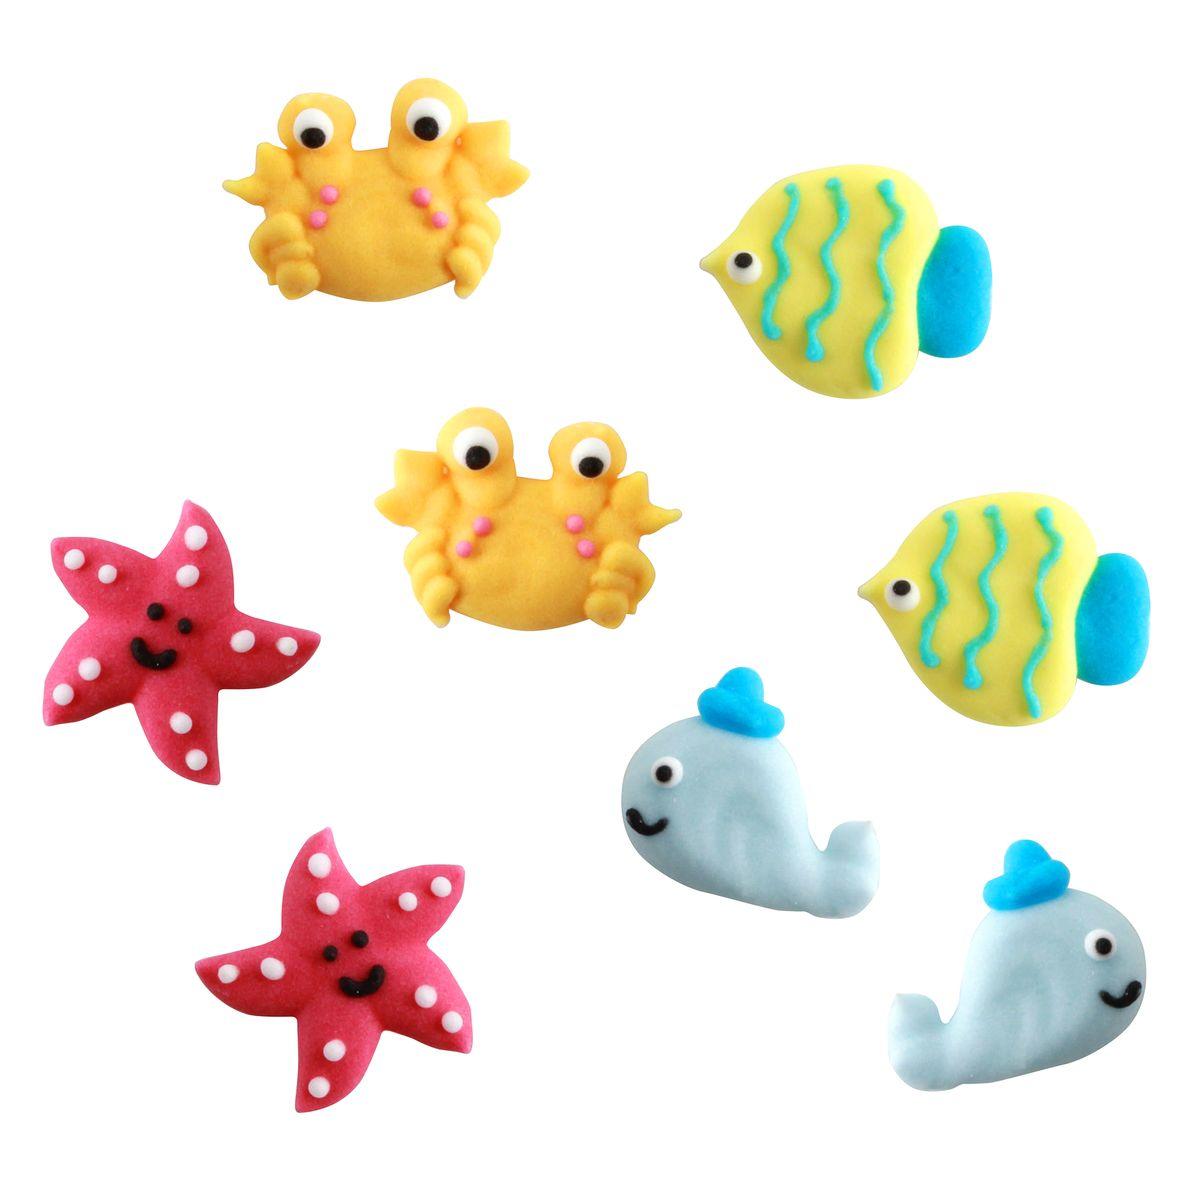 Plaque de décors comestibles : 8 décors thème sous marin : poisson, crabe, étoile de mer et baleine - Alice Délice